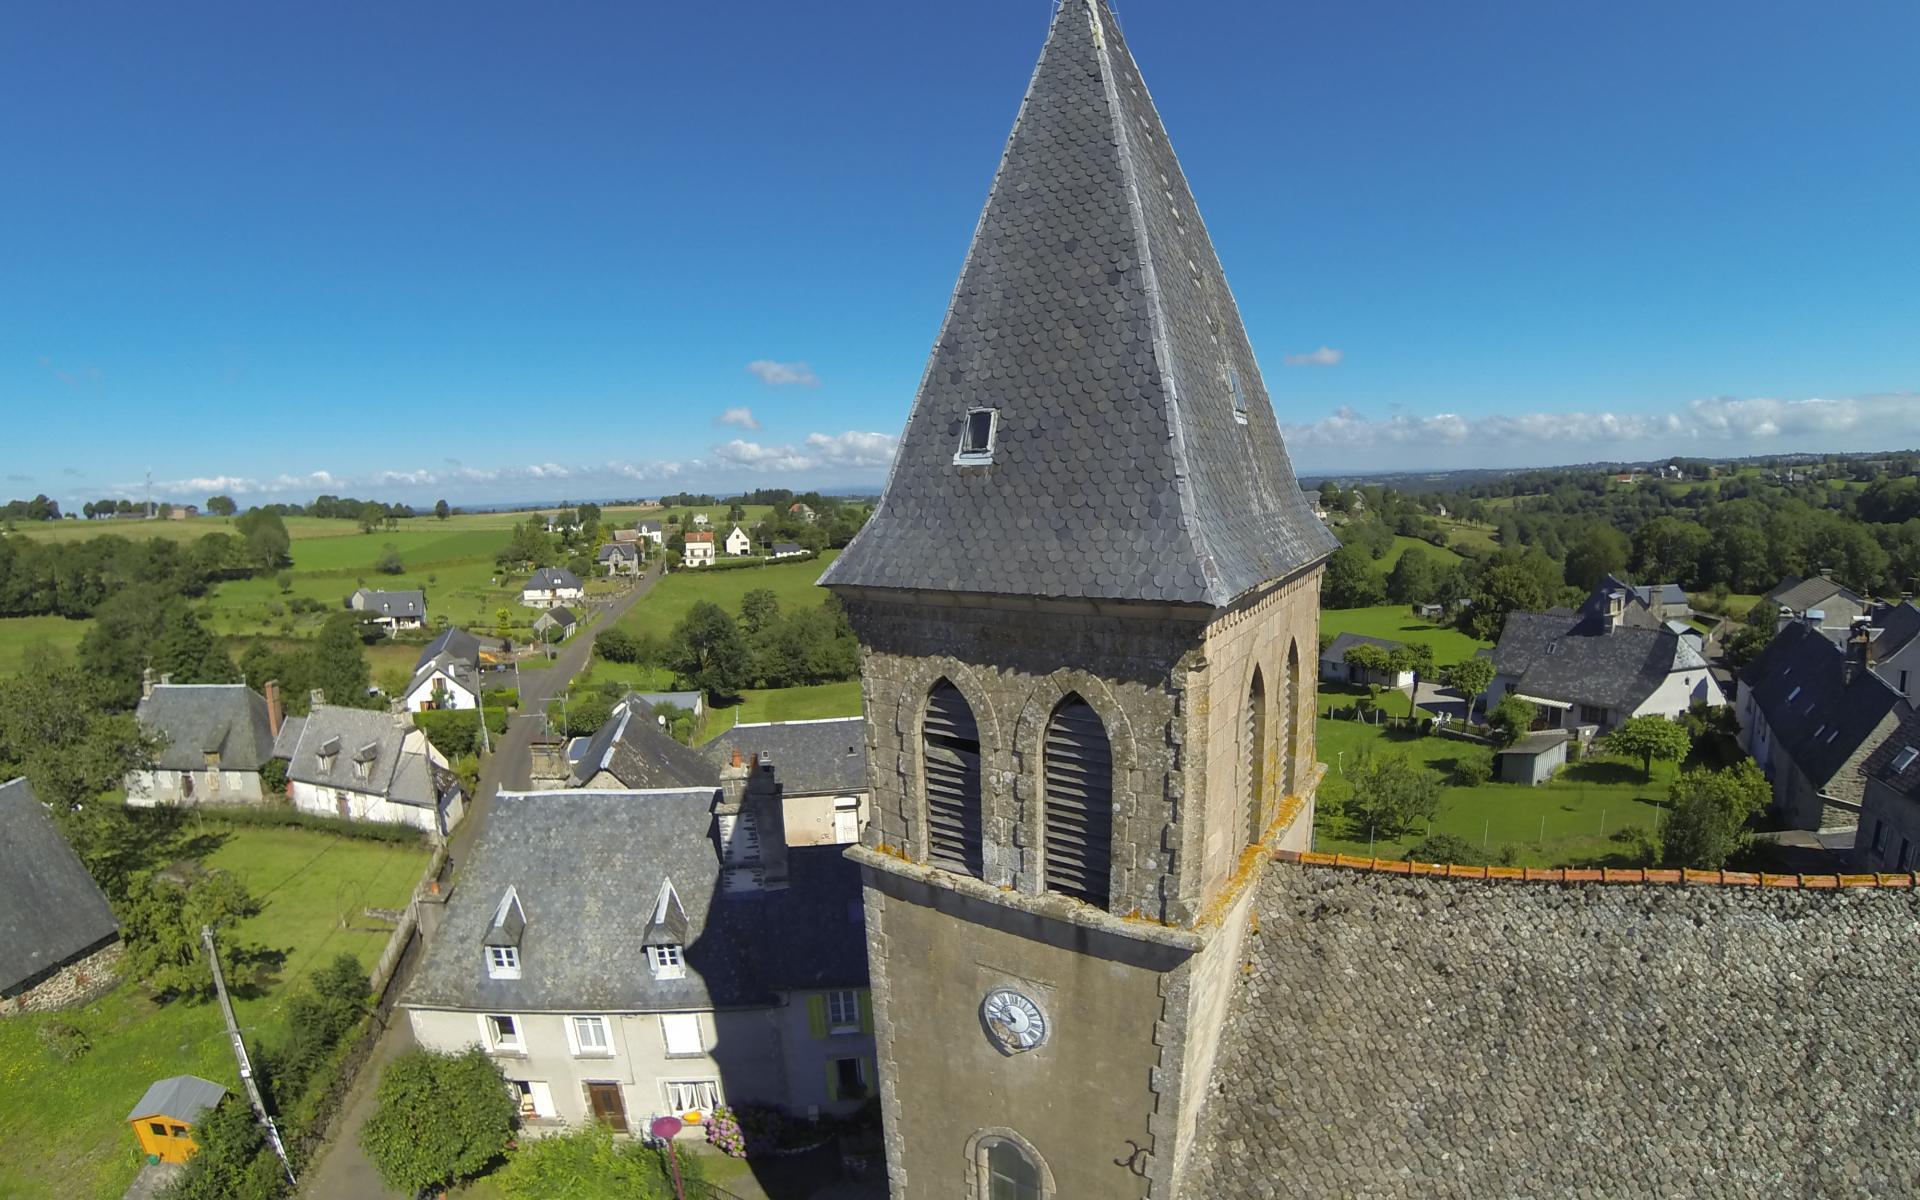 Imagerie aérienne par drone Compiègne (60)